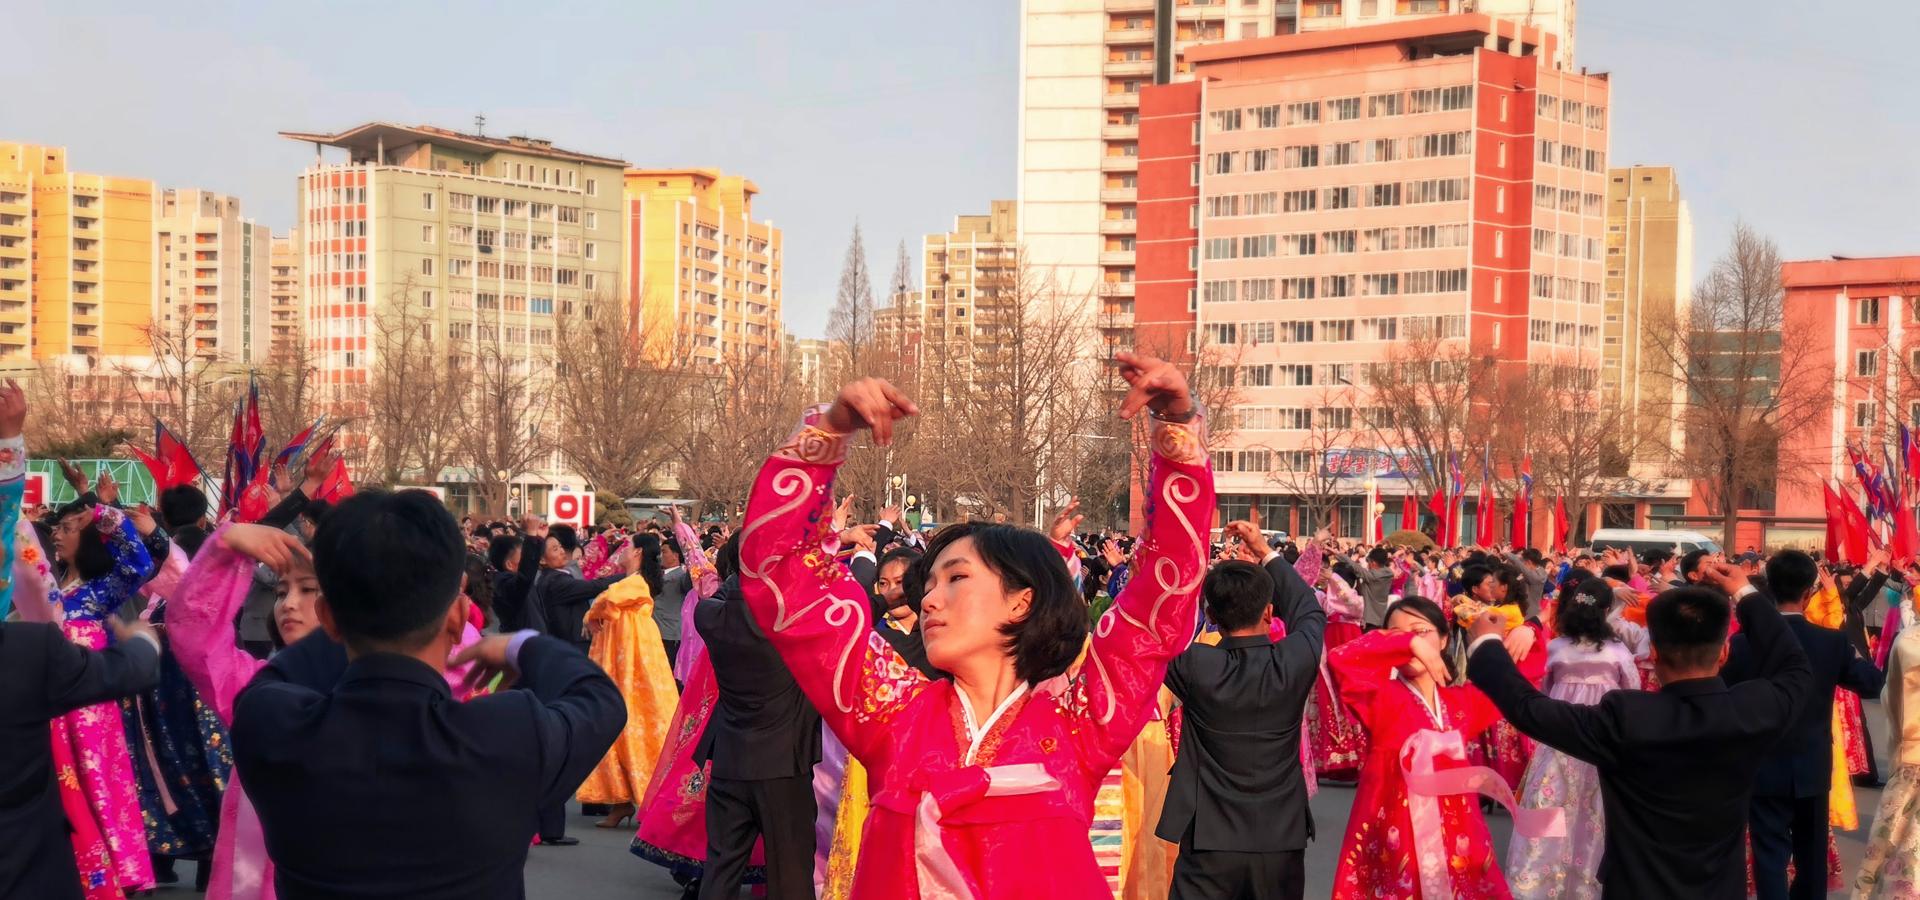 Peer-to-peer advisory in Pyongyang, North Korea